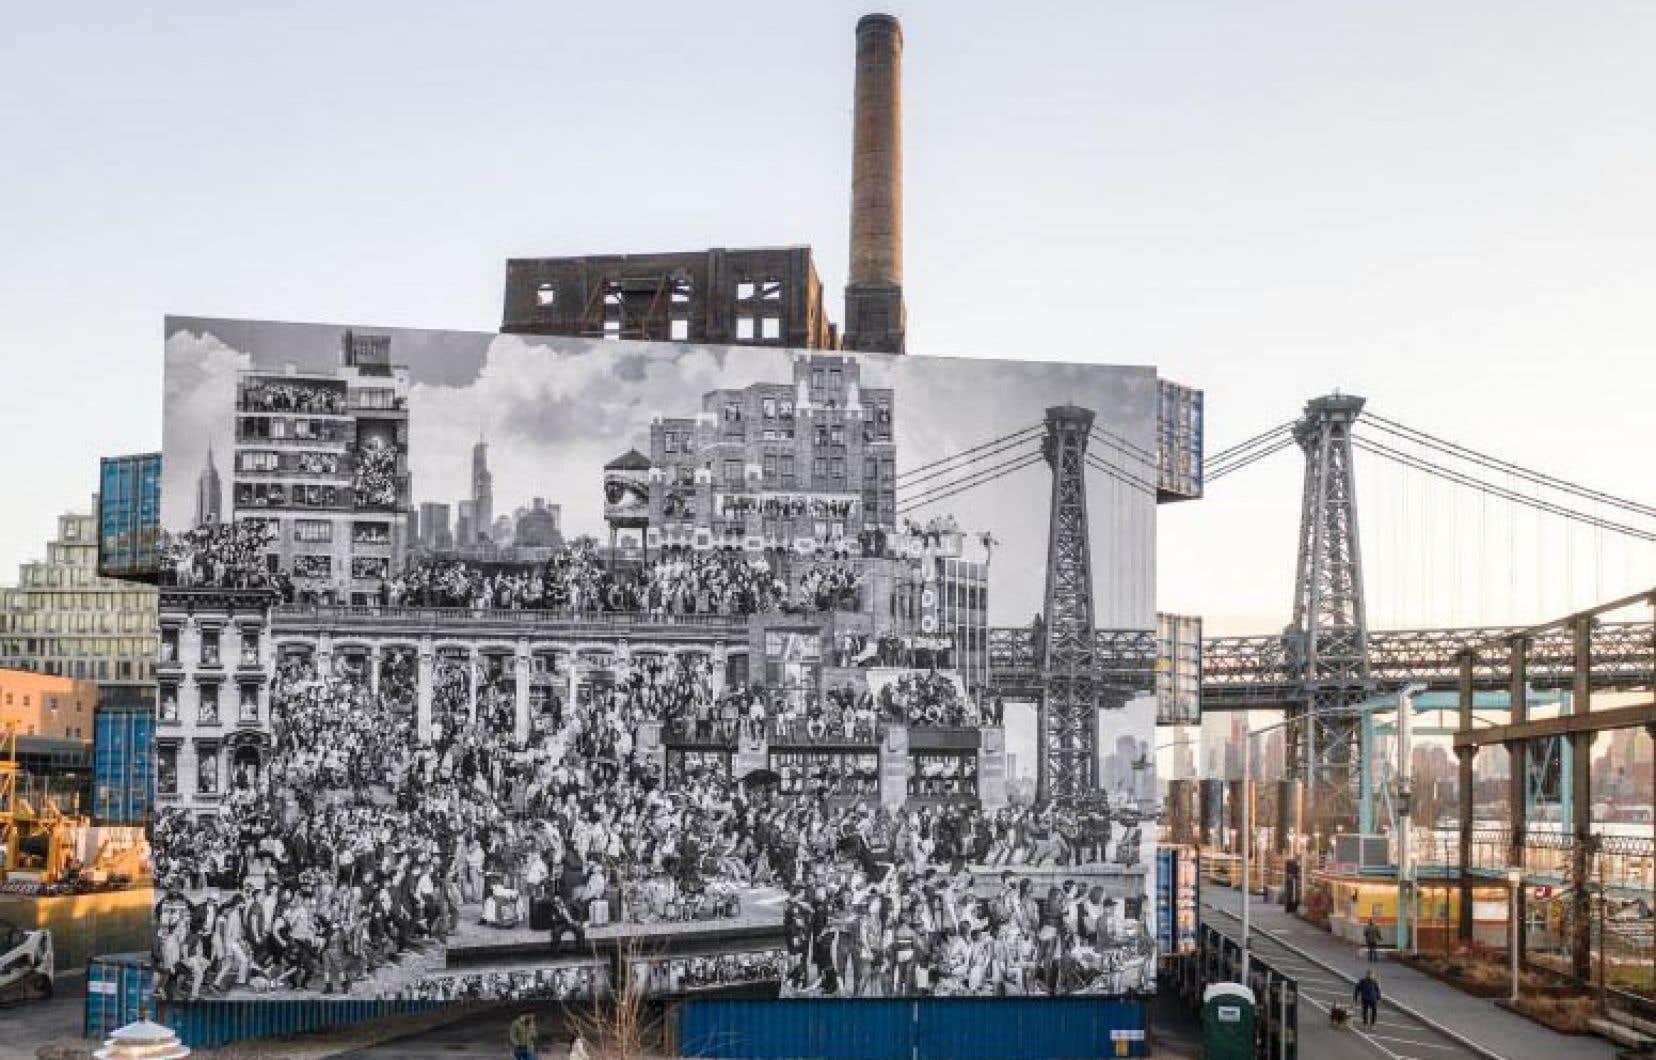 «The Chronicles of New York City» de JR et Triangle STACK #2 de LOT-EK, 2020, au Domino Park à Brooklyn